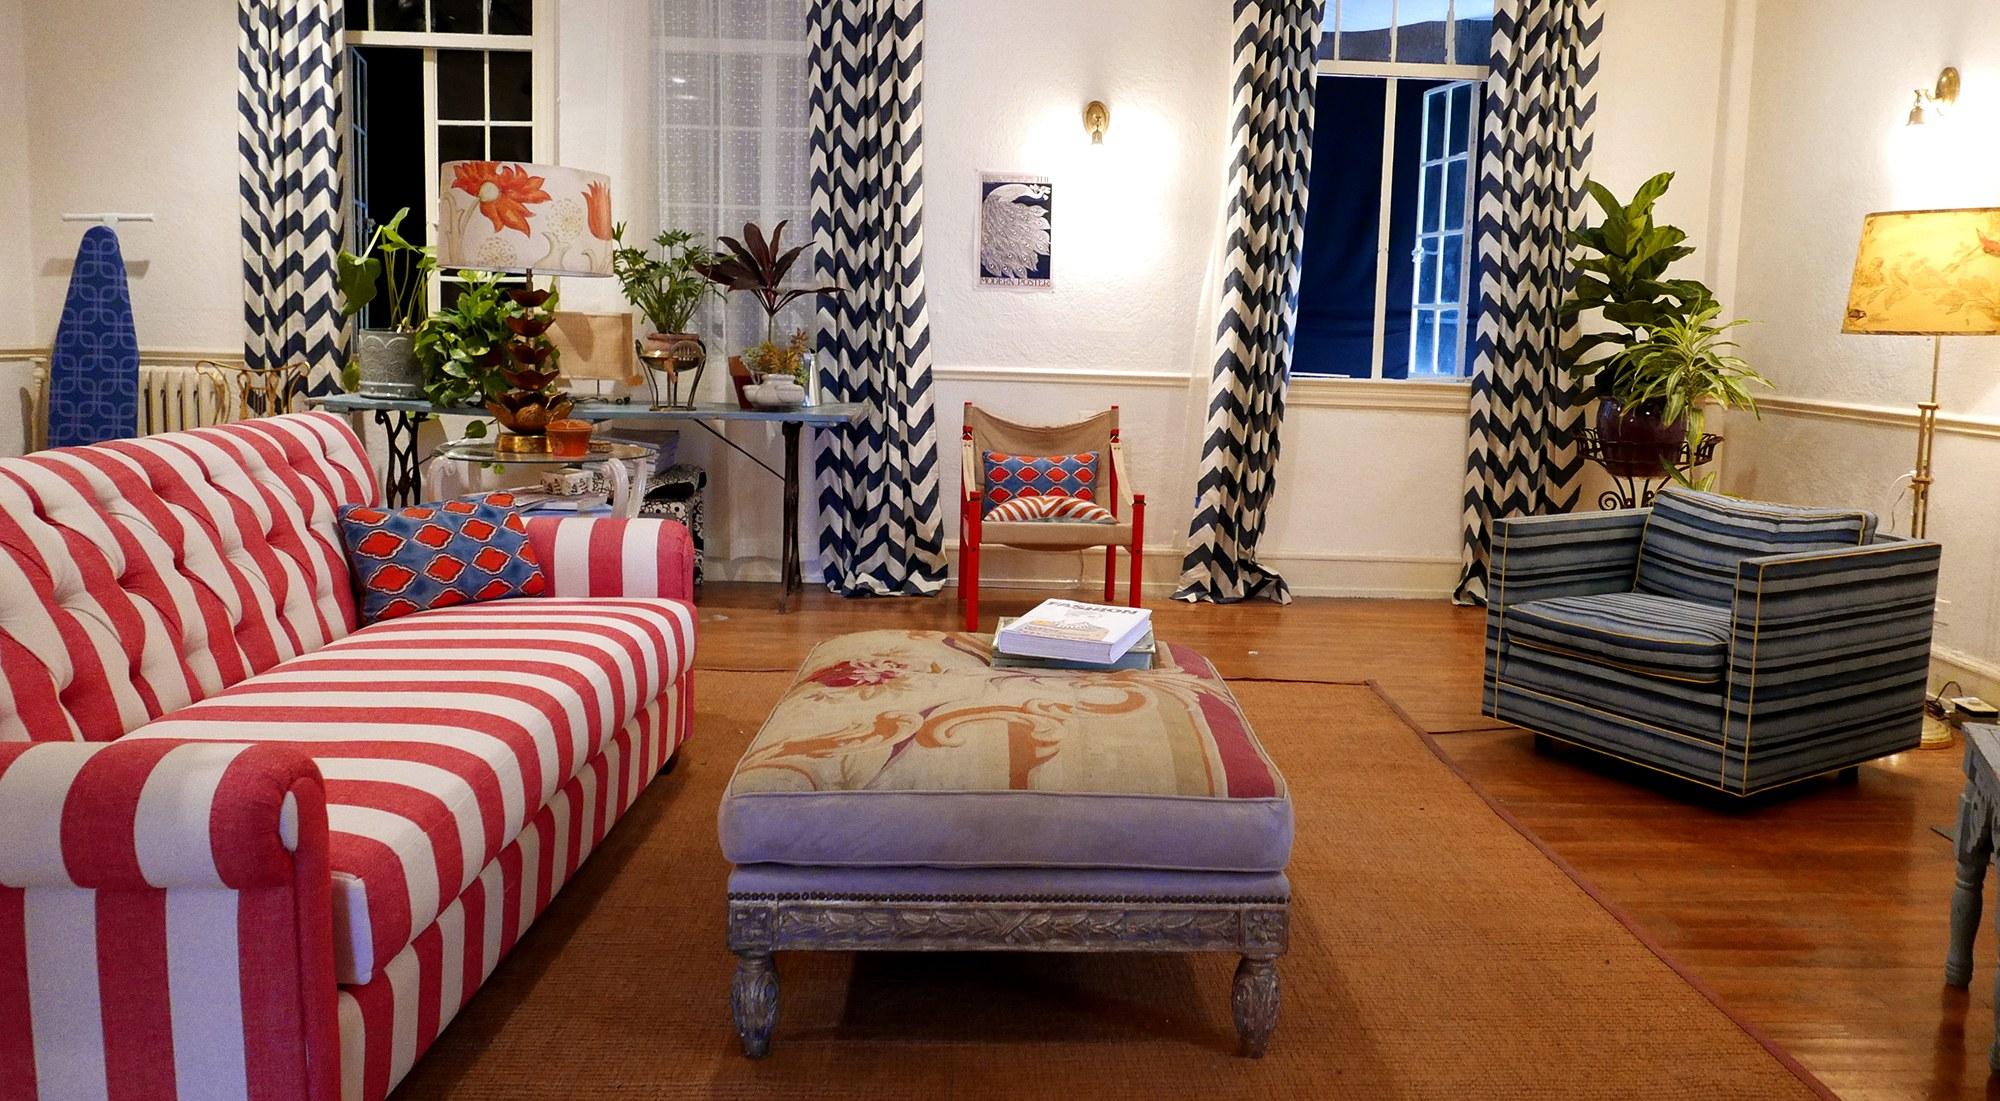 The apartment from La La Land